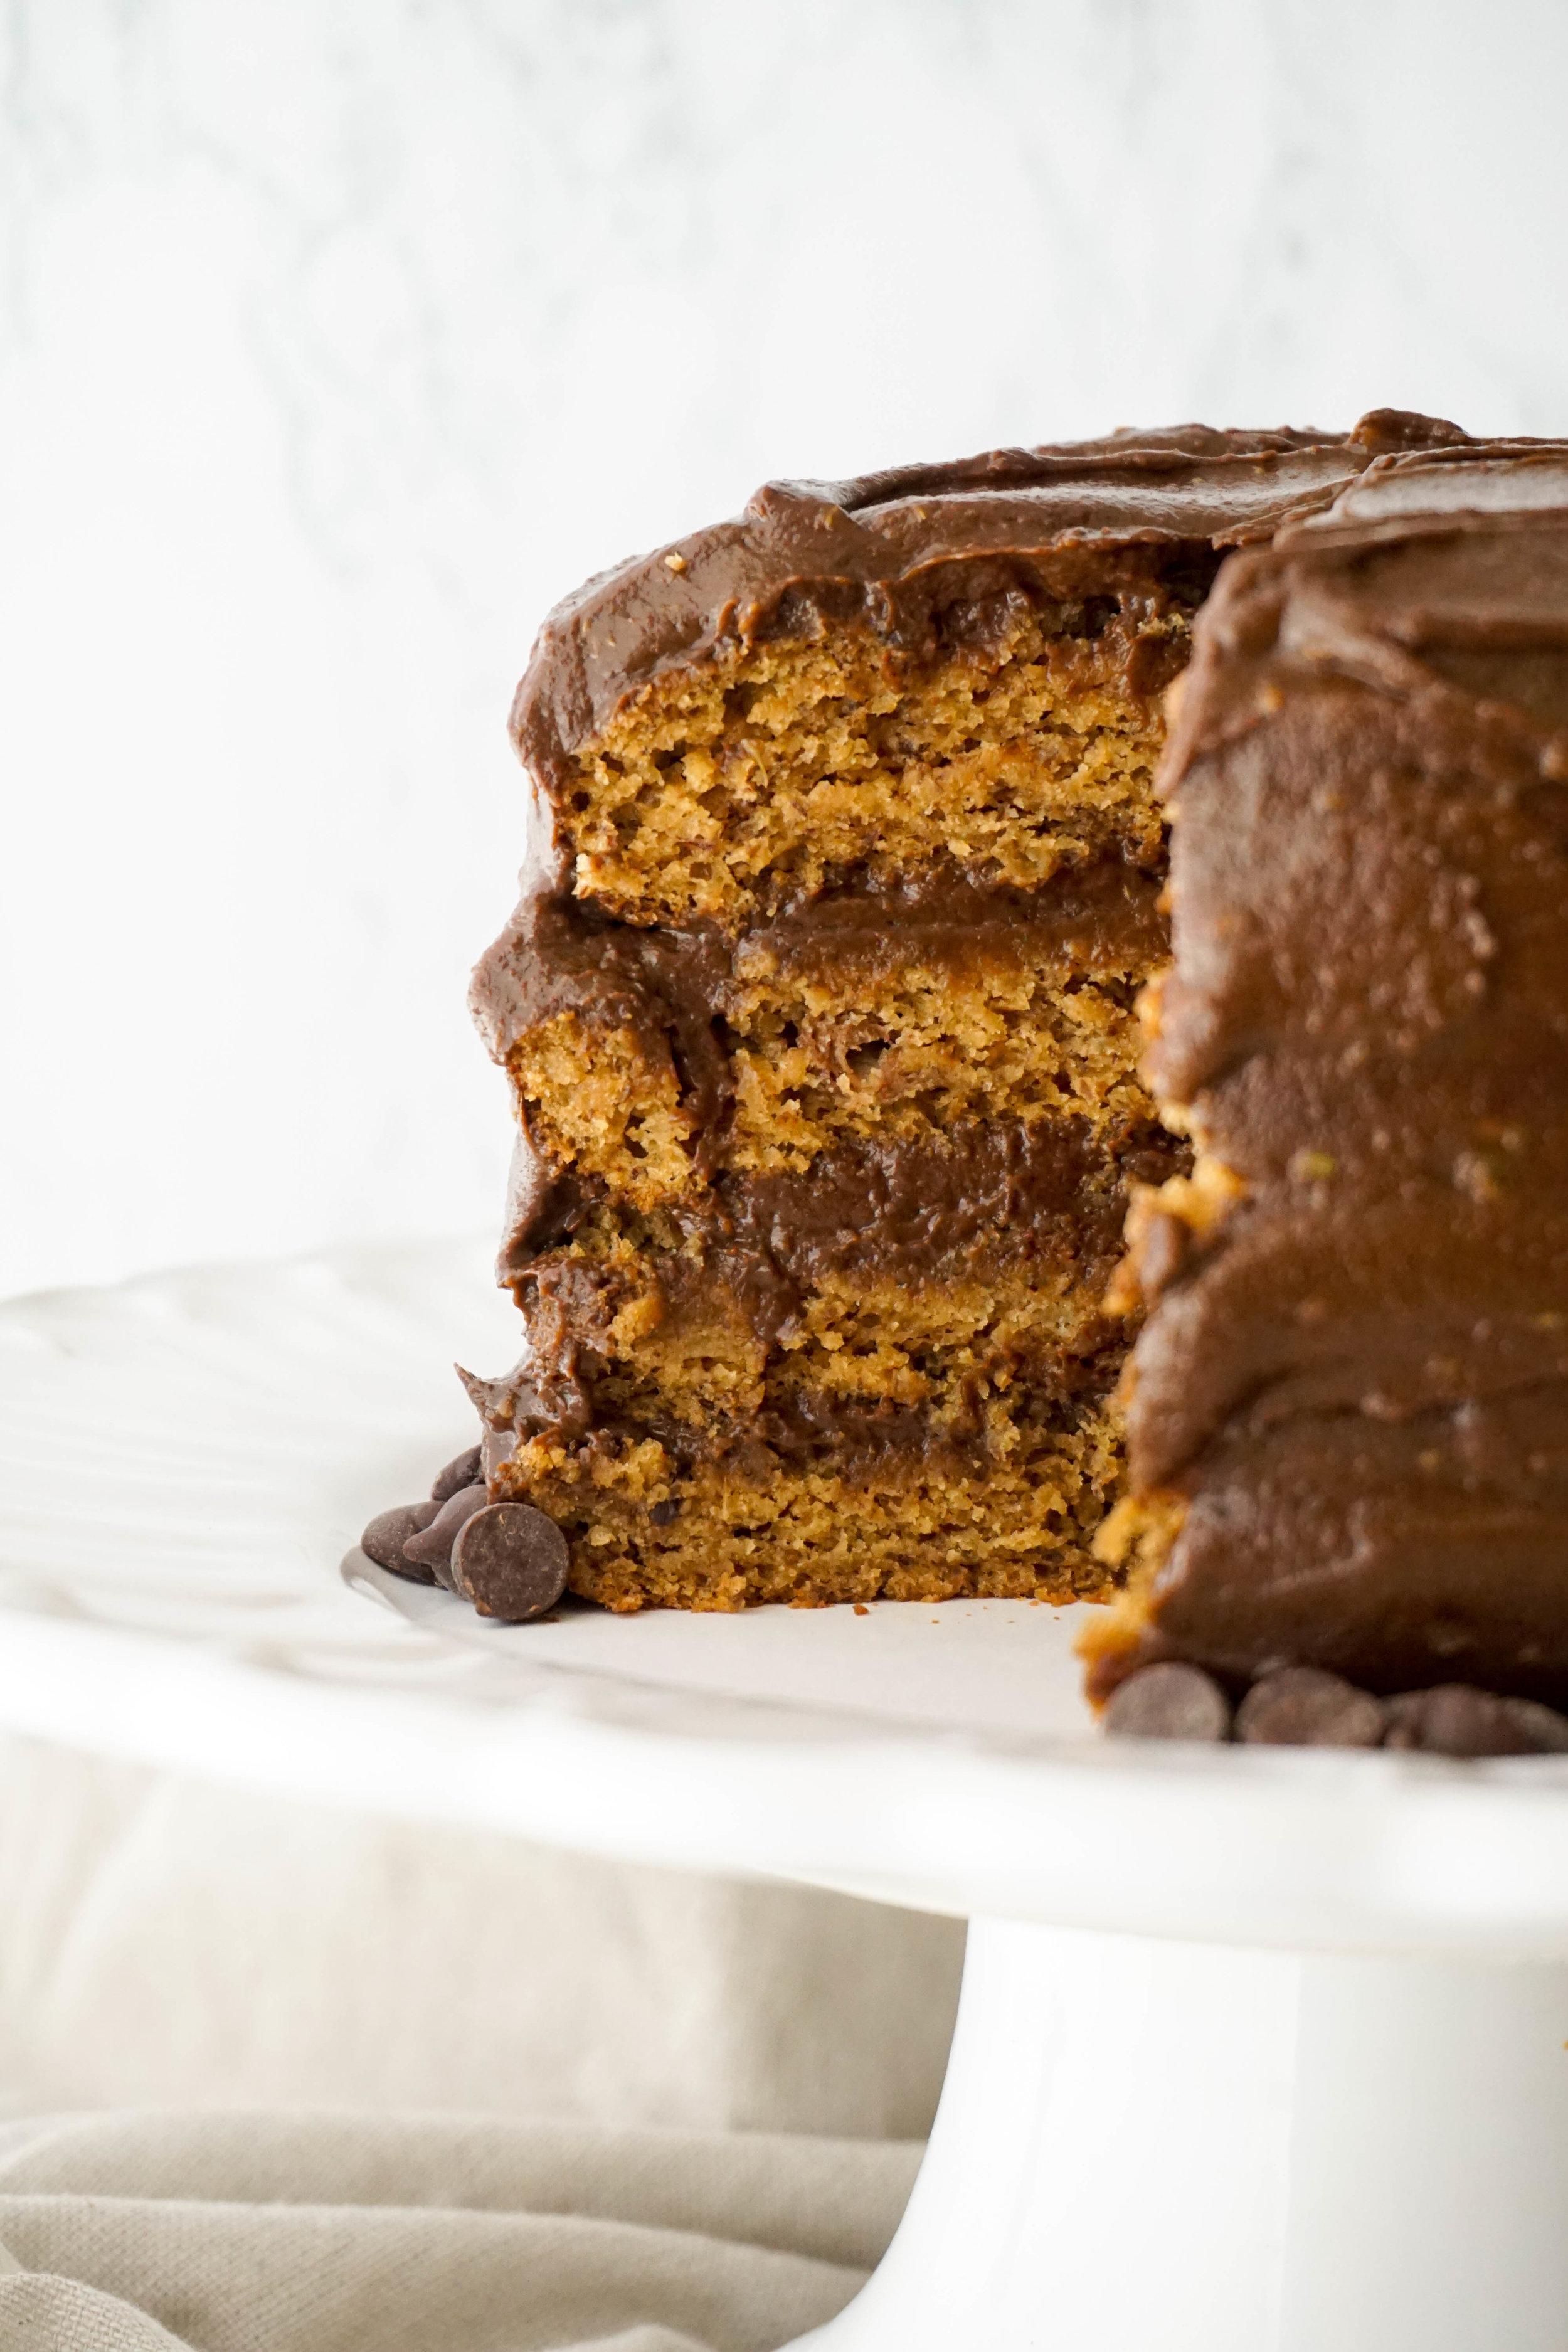 Vegan Banana Cake with Dark Chocolate Ganache